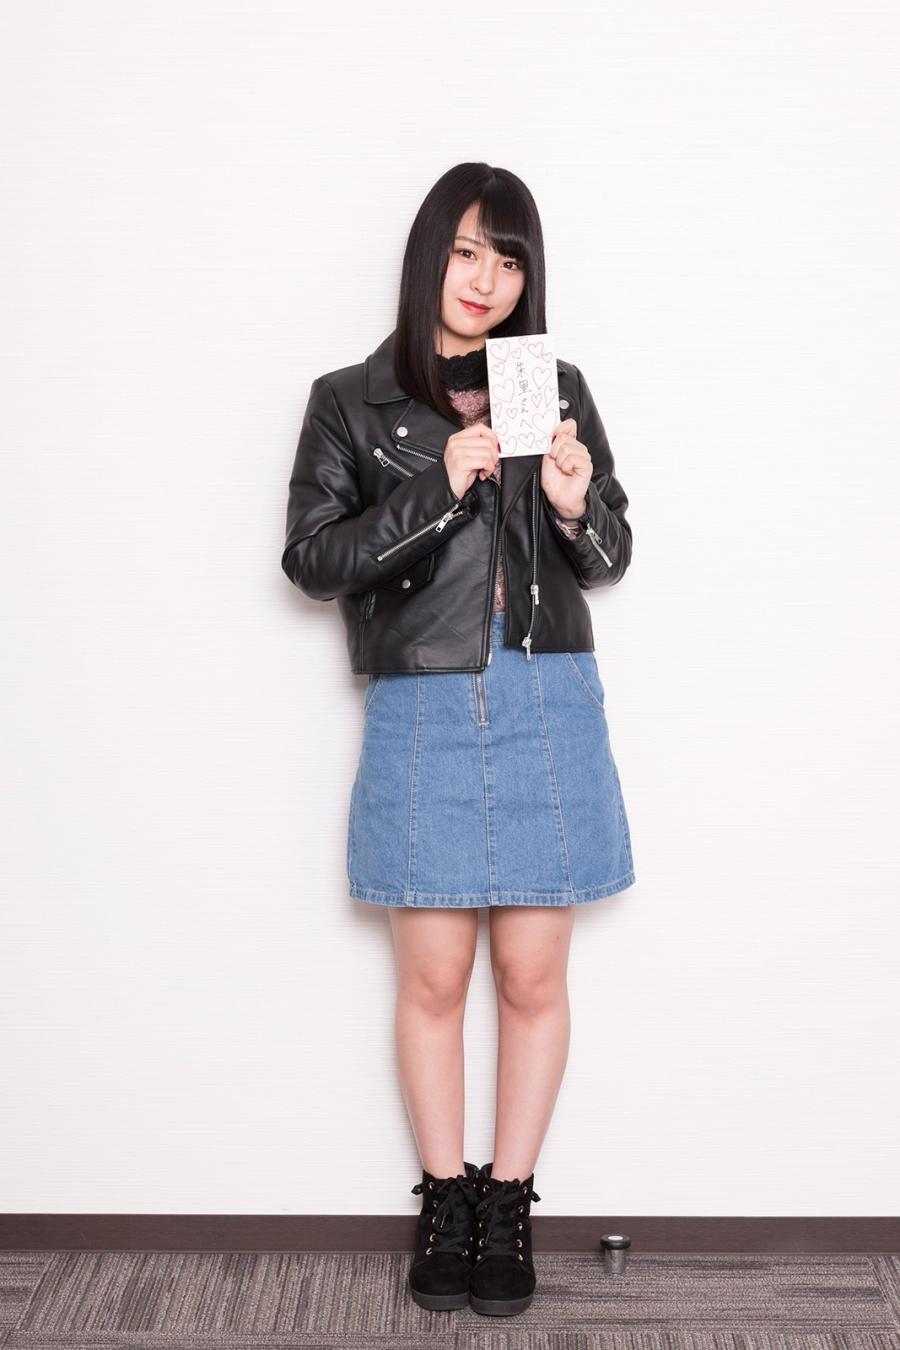 5月15日(火)発売『EX大衆』に山...